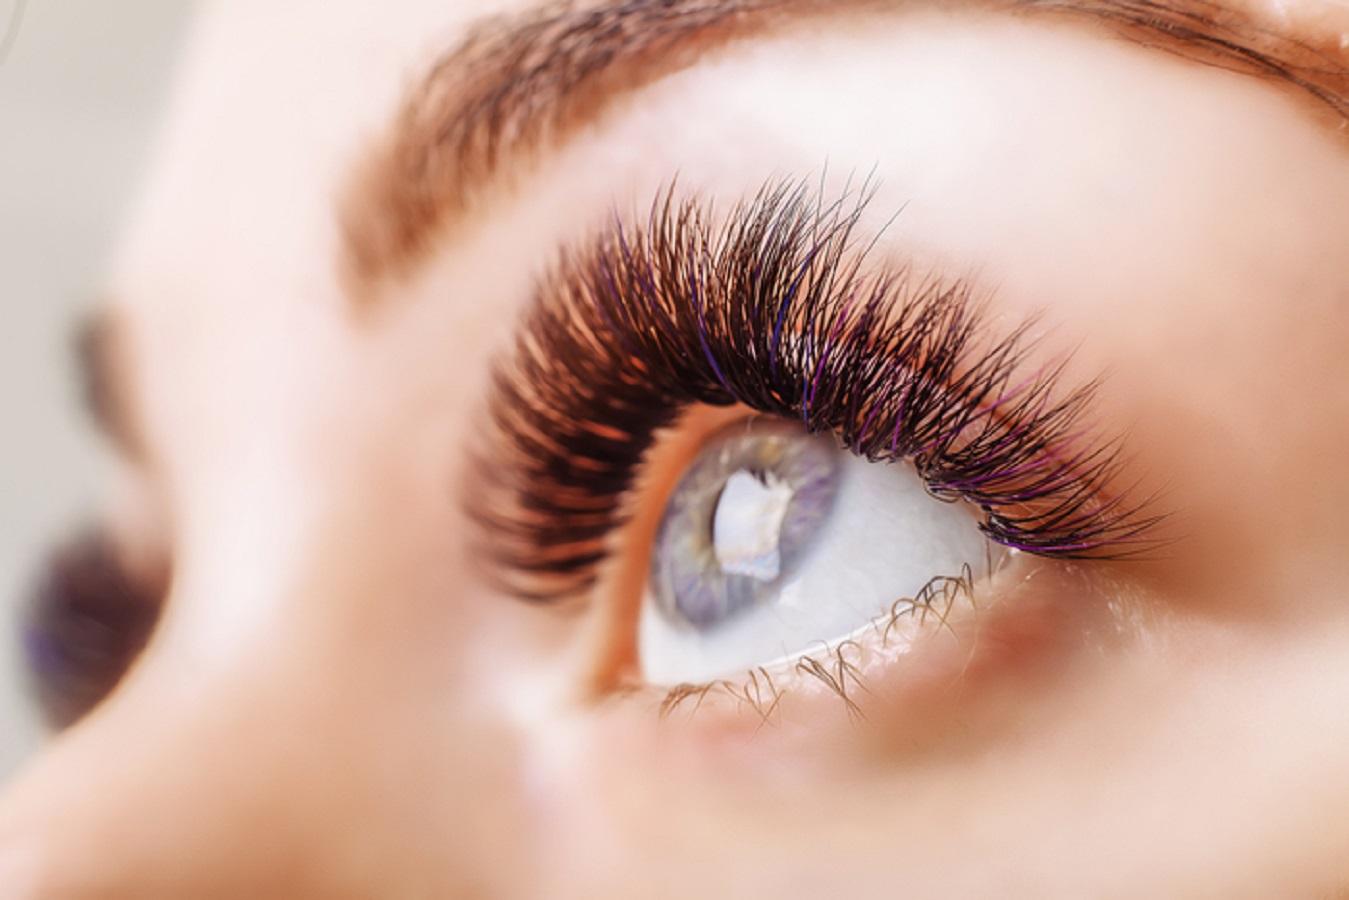 Come proteggere gli occhi in estate: 10 consigli utili